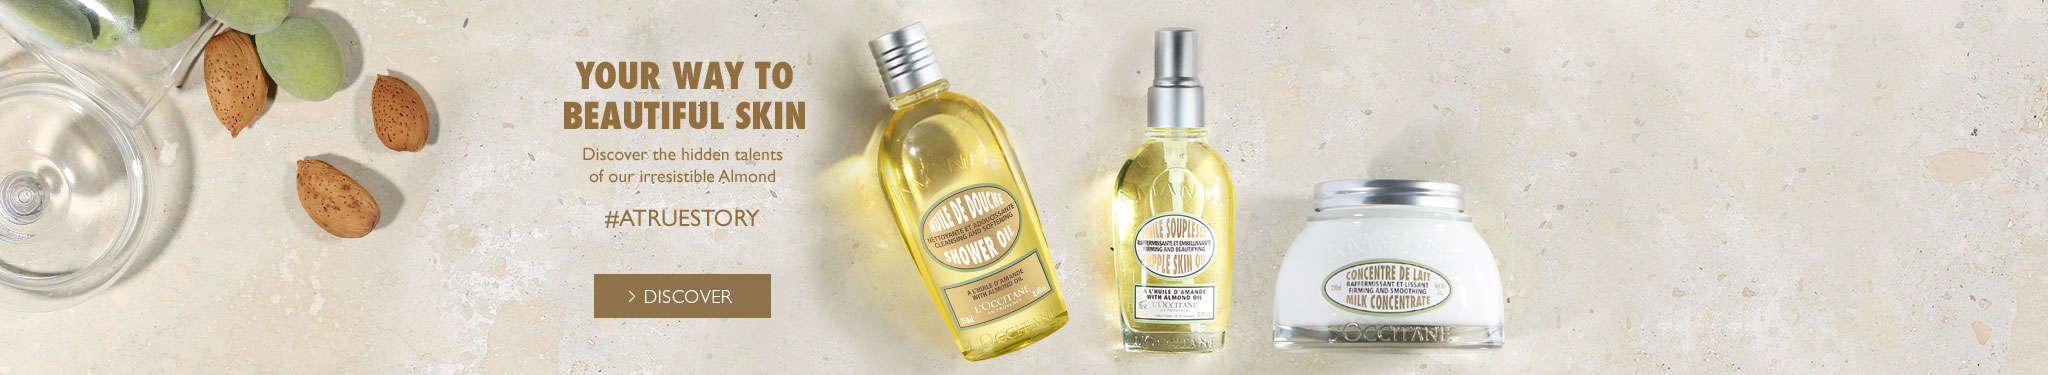 Almond the way to beautiful skin